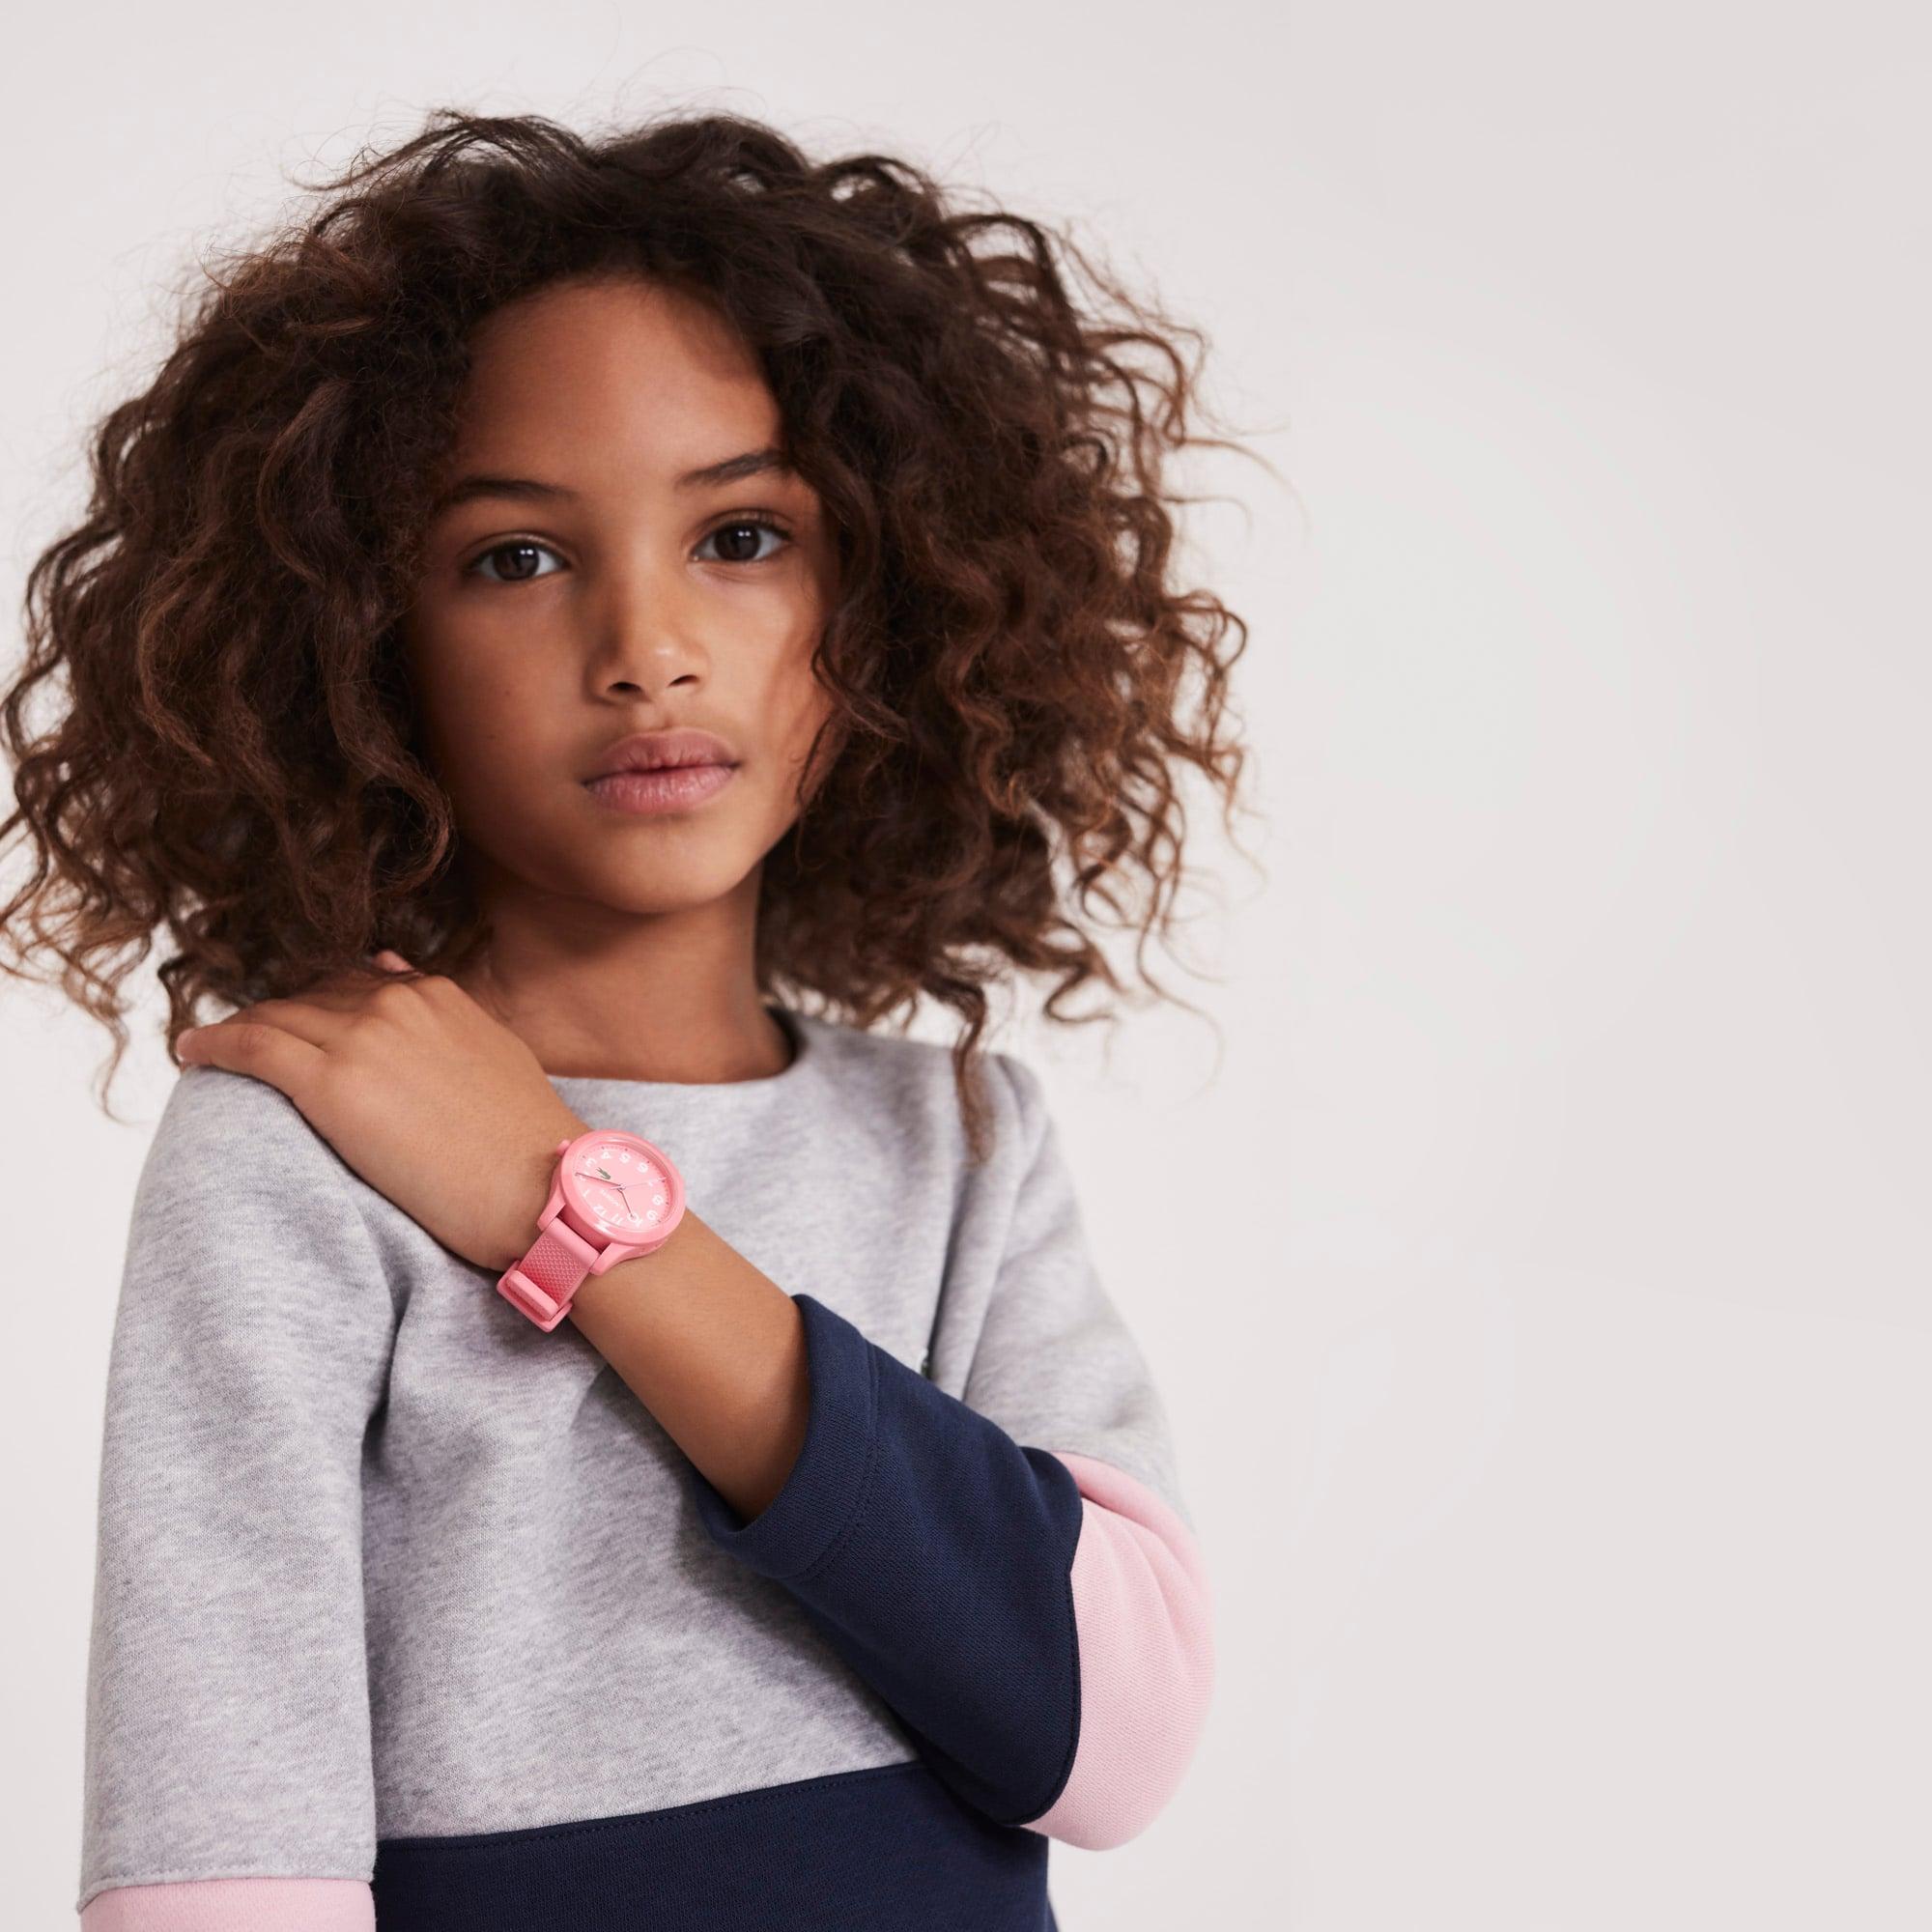 Montre Enfant Lacoste12.12 avec Bracelet Rose en Silicone